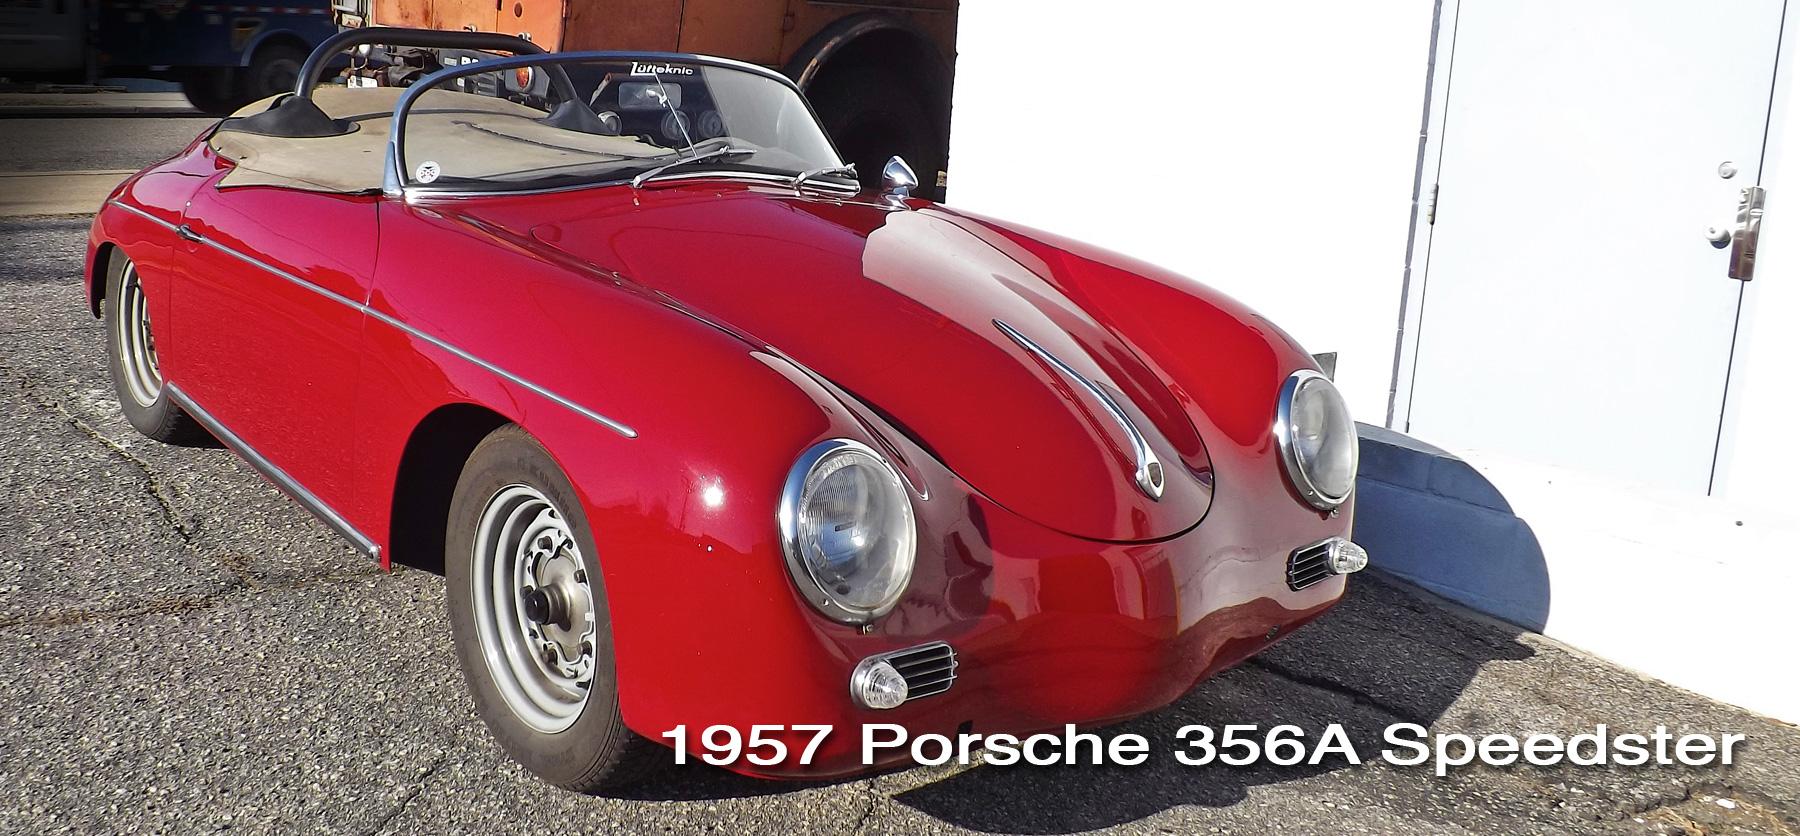 1957 Porsche 356A Speedster header